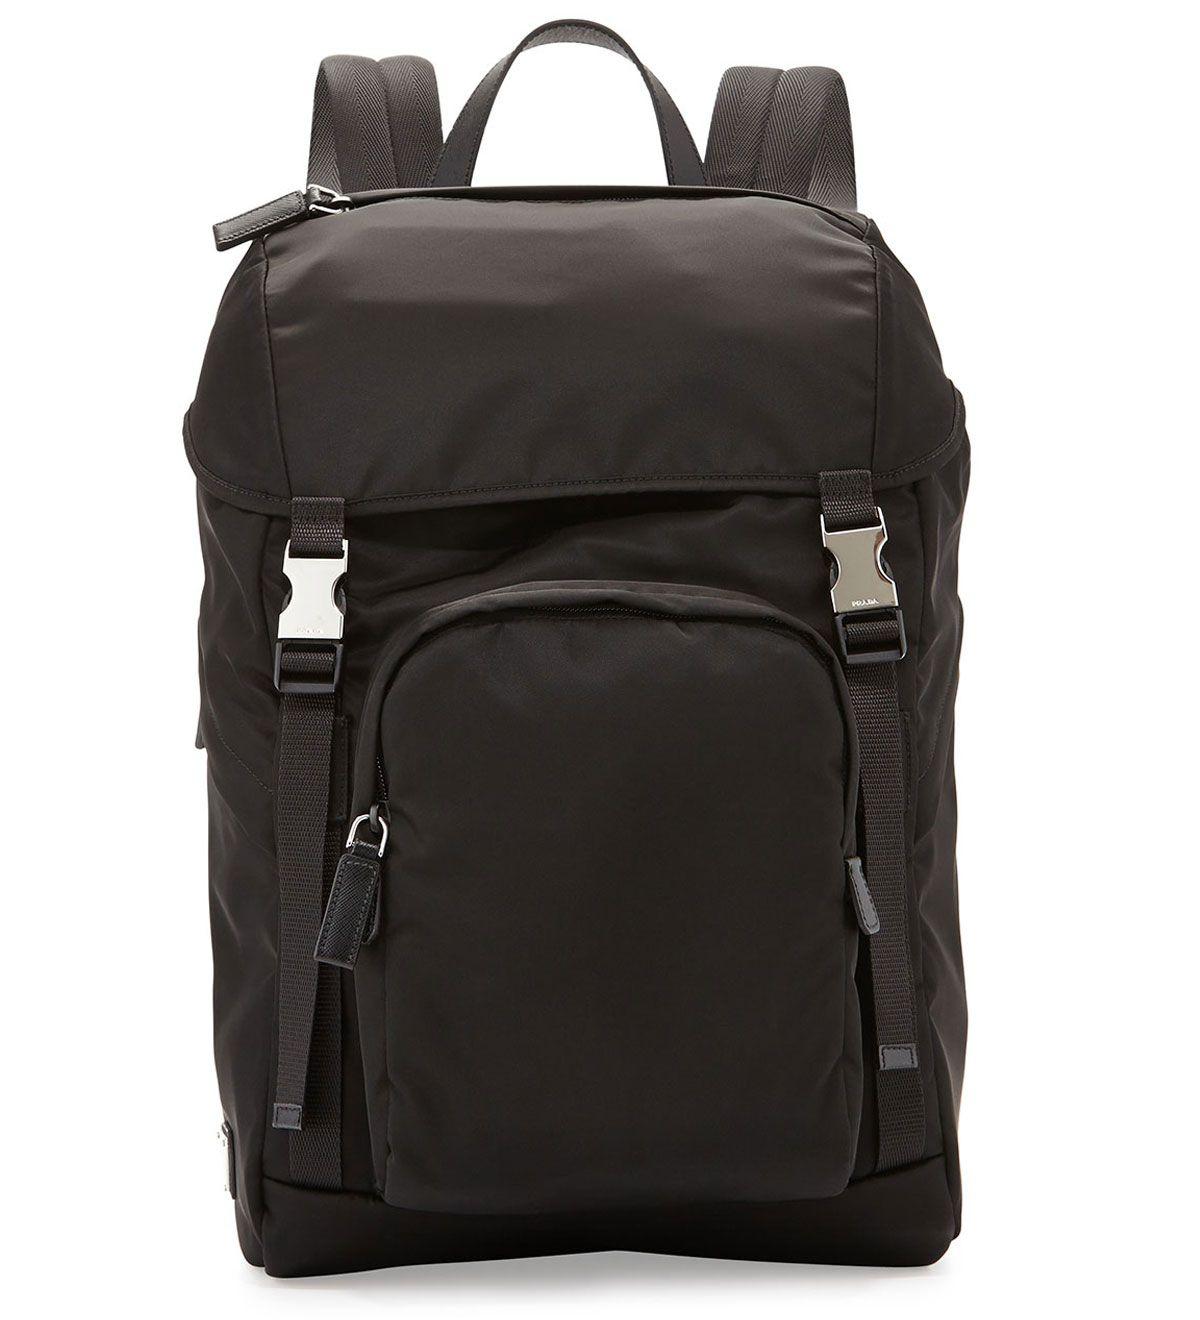 Prada Men s Nylon Double-Buckle Backpack Black  235.00  f1e21887c3d88